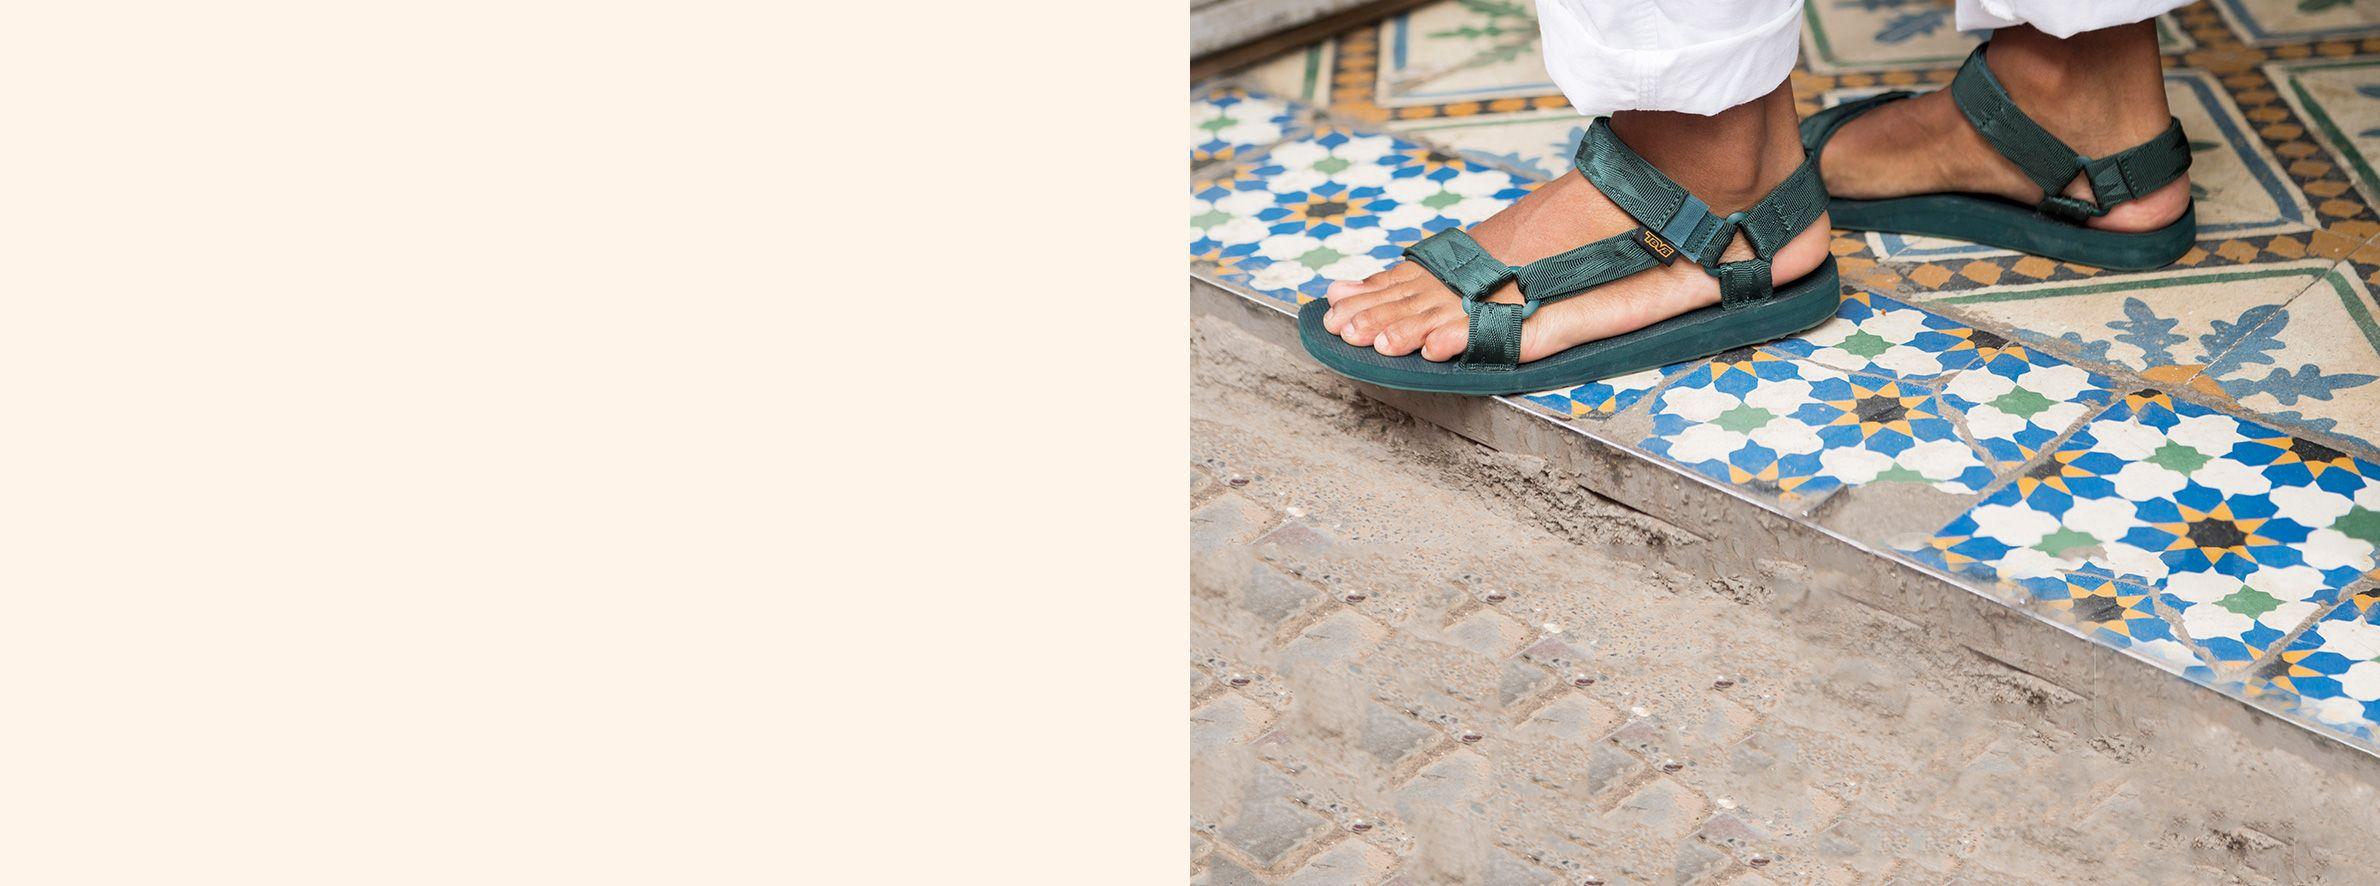 139c03fa7ef0a9 Shop Teva Sandals